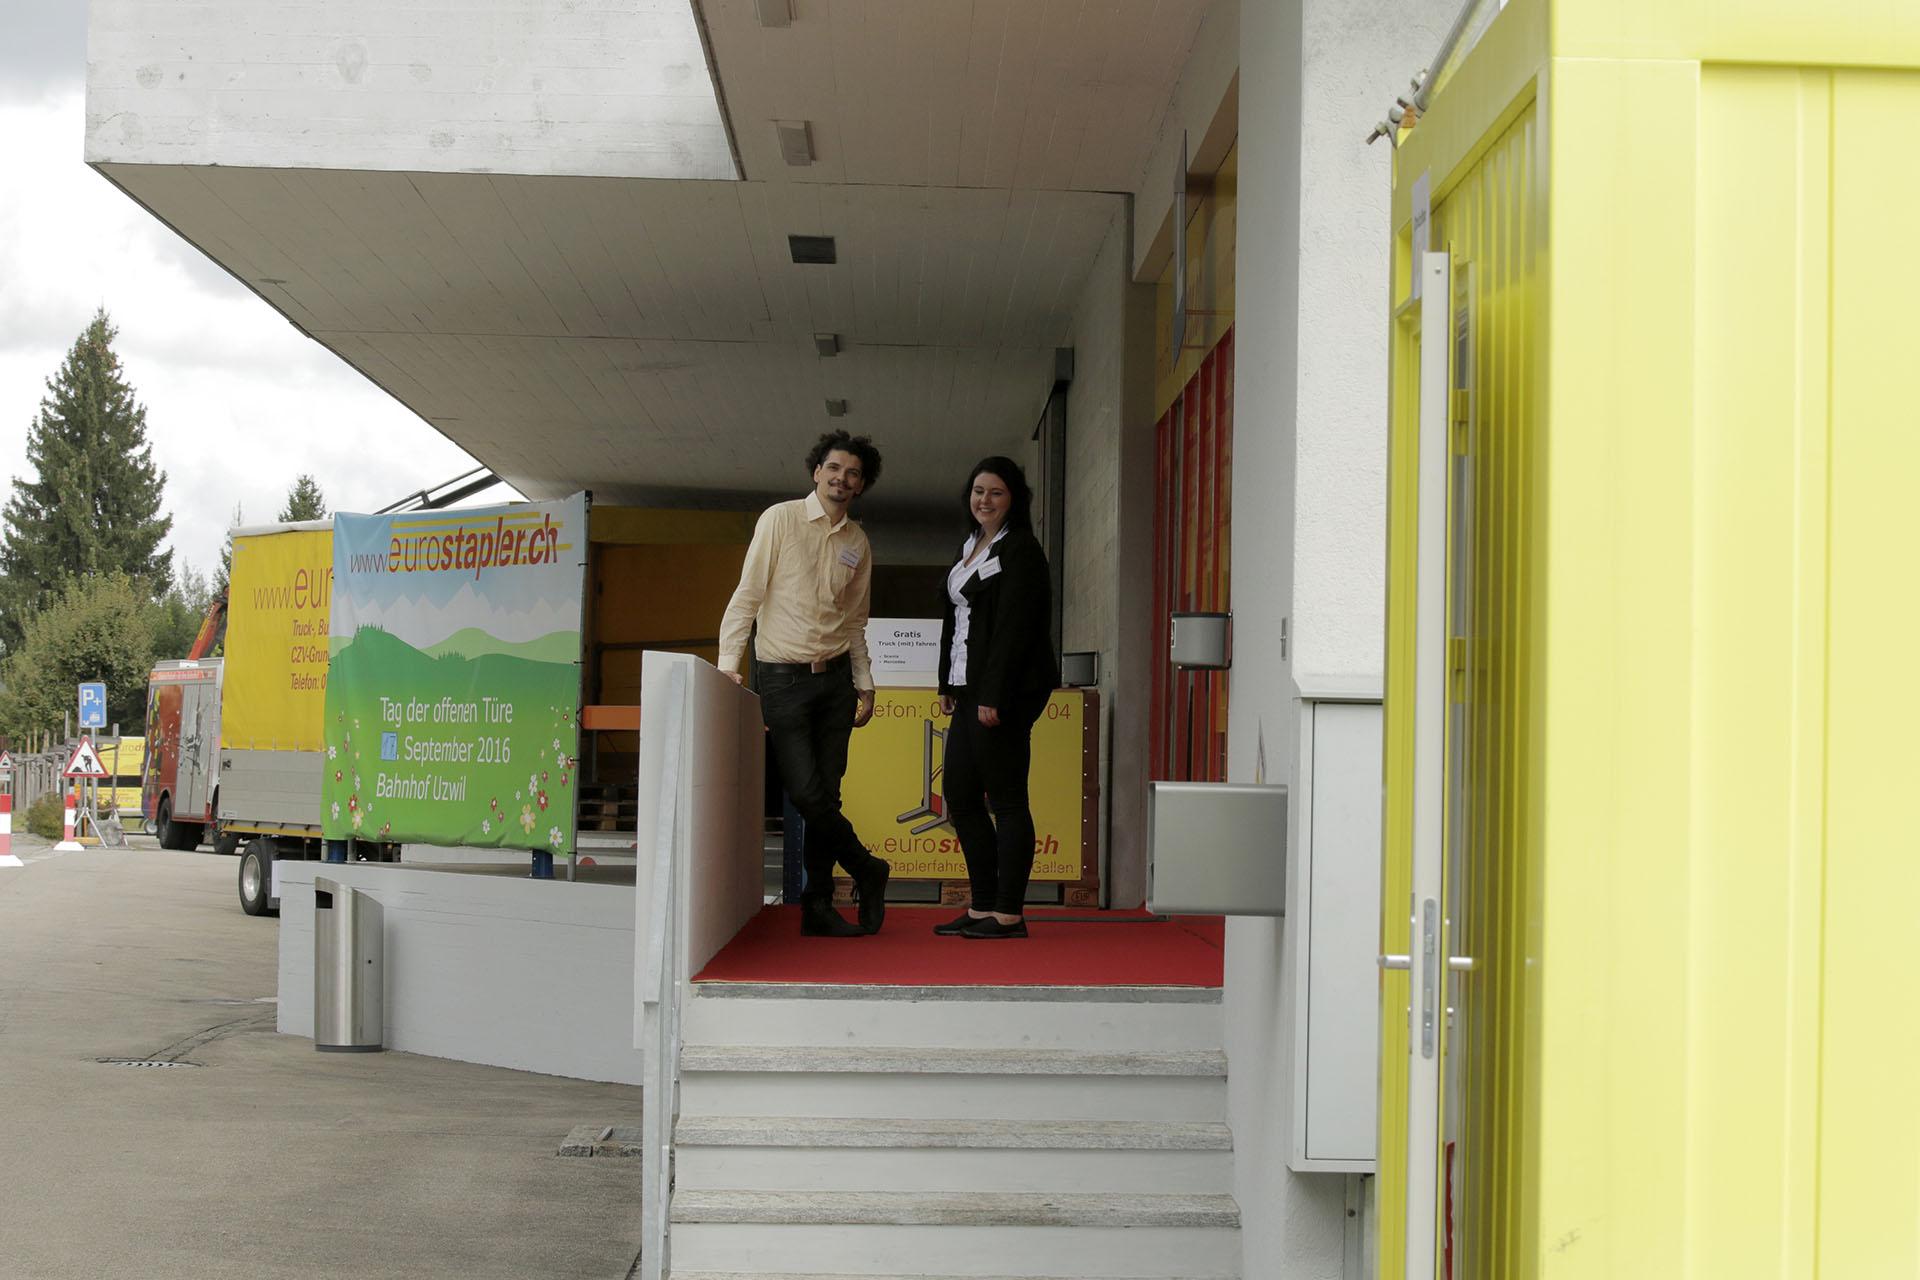 Alfons Gschwend und Ramona Zoller vor der Fahrschule in Uzwil